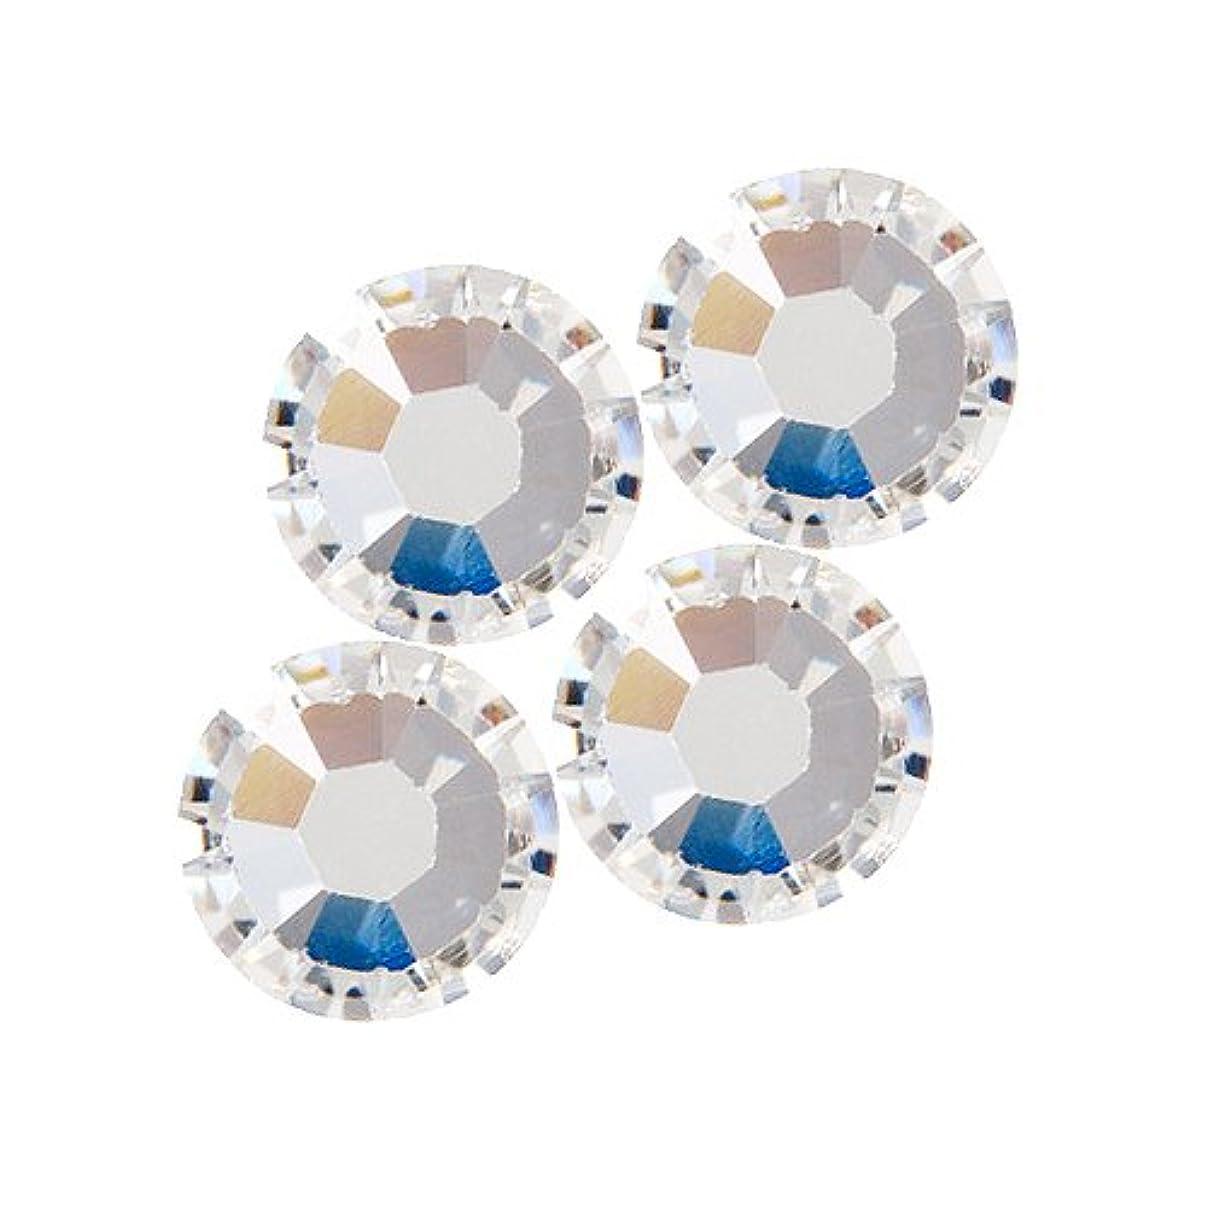 高揚したクランプ認証バイナル DIAMOND RHINESTONE  クリスタル SS6 720粒 ST-SS6-CRY-5G